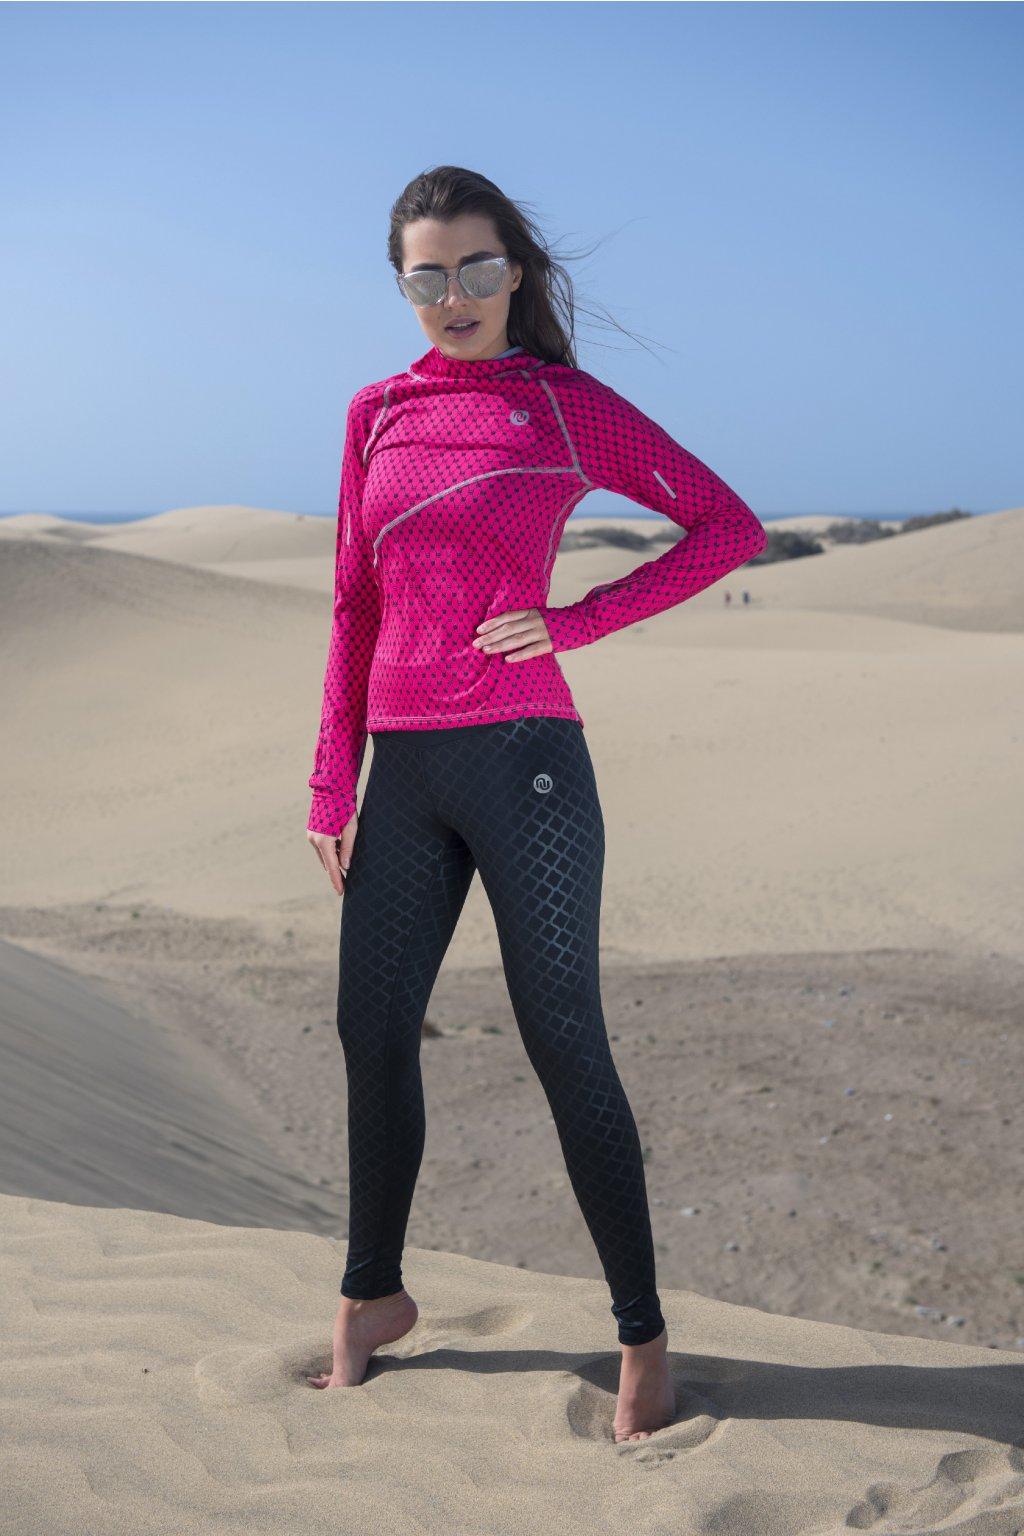 Běžecké/Fitness Legíny OSLK90 - Shiny Black